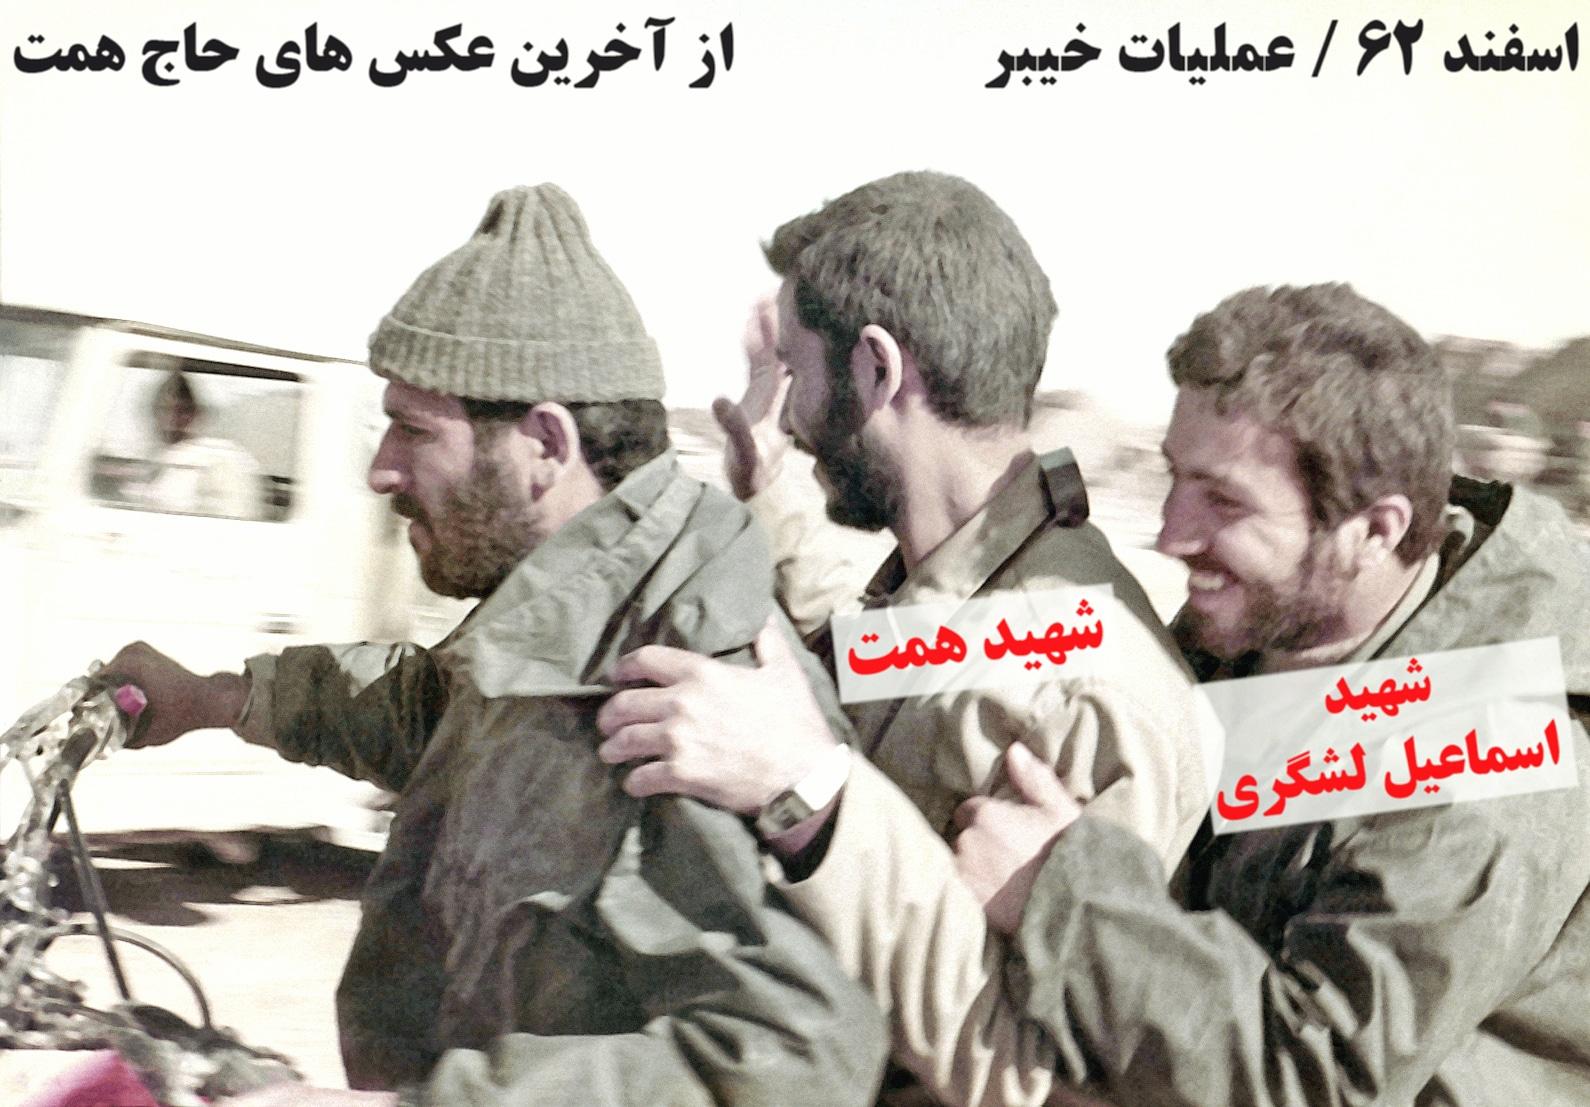 آخرین تصاویر شهید همت سوار بر موتور در عملیات خیبر + عکس